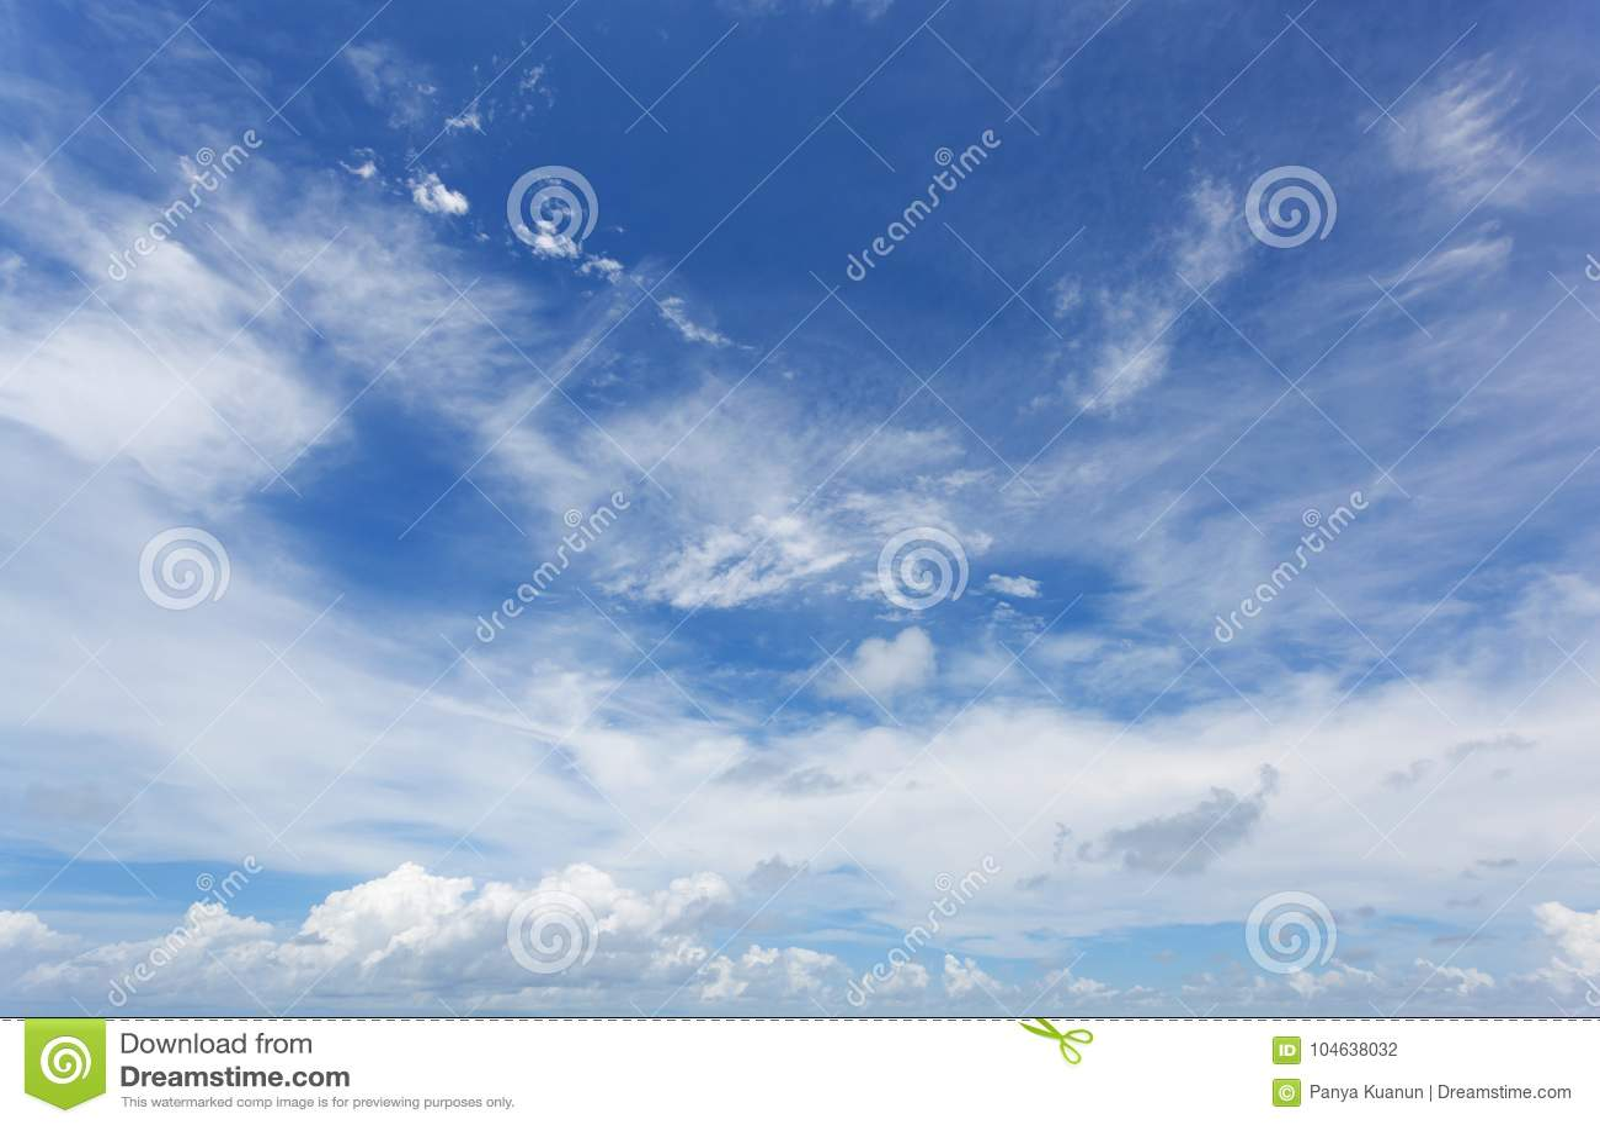 Download Blauwe Hemel Met Wolken In Zomer Stock Foto - Afbeelding bestaande uit cloudscape, ontruim: 104638032